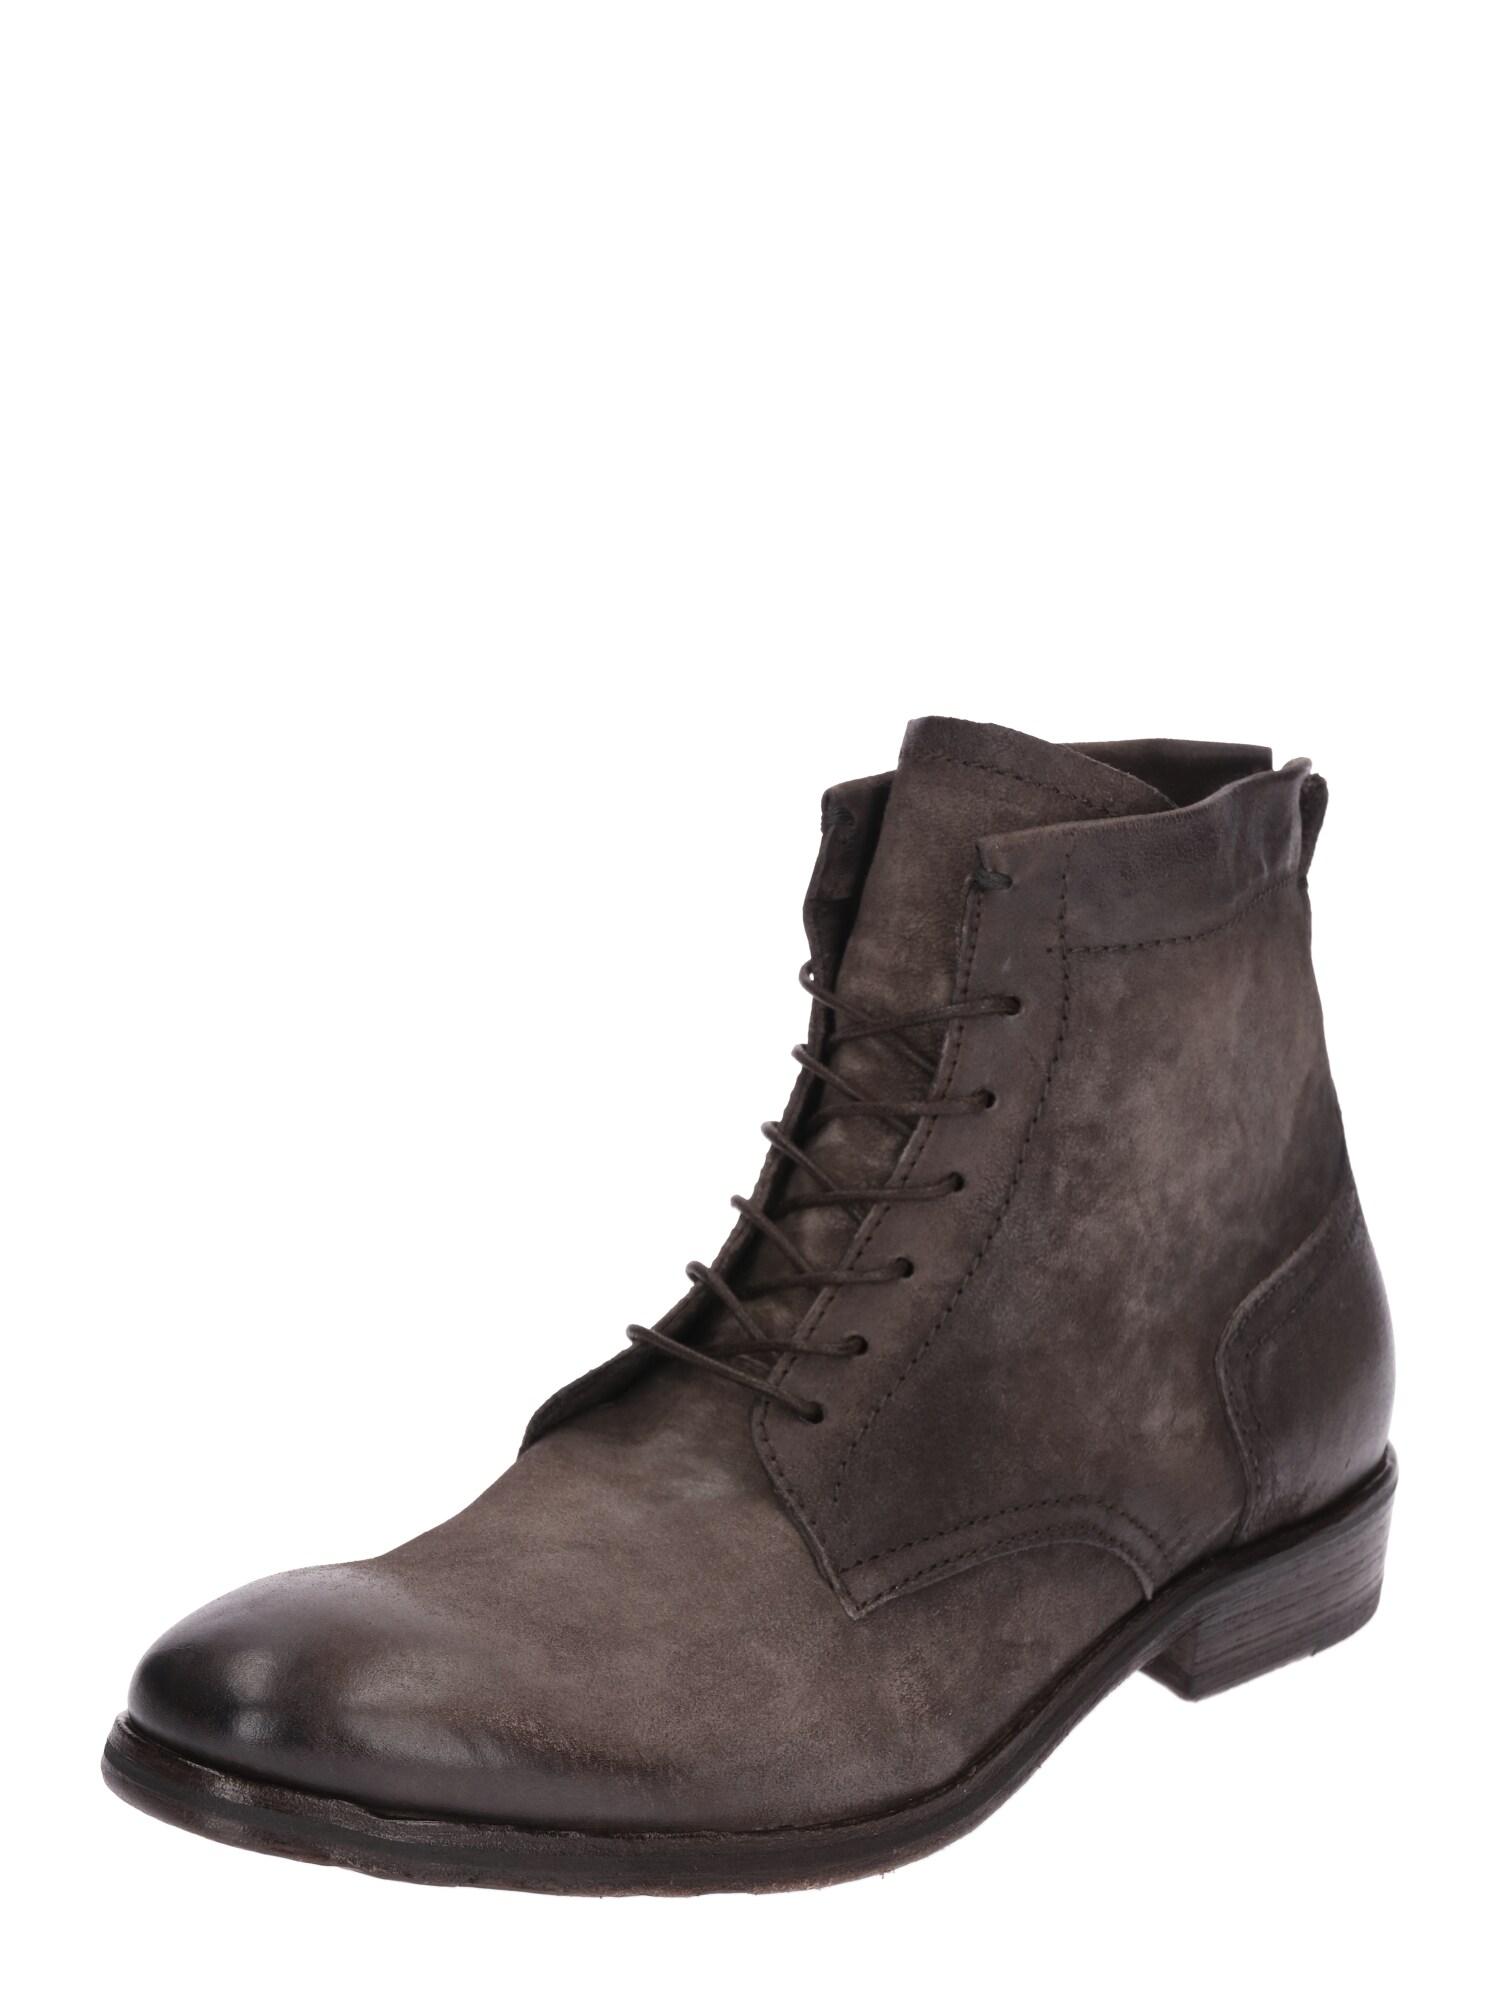 Šněrovací boty MASON tmavě hnědá A.S.98